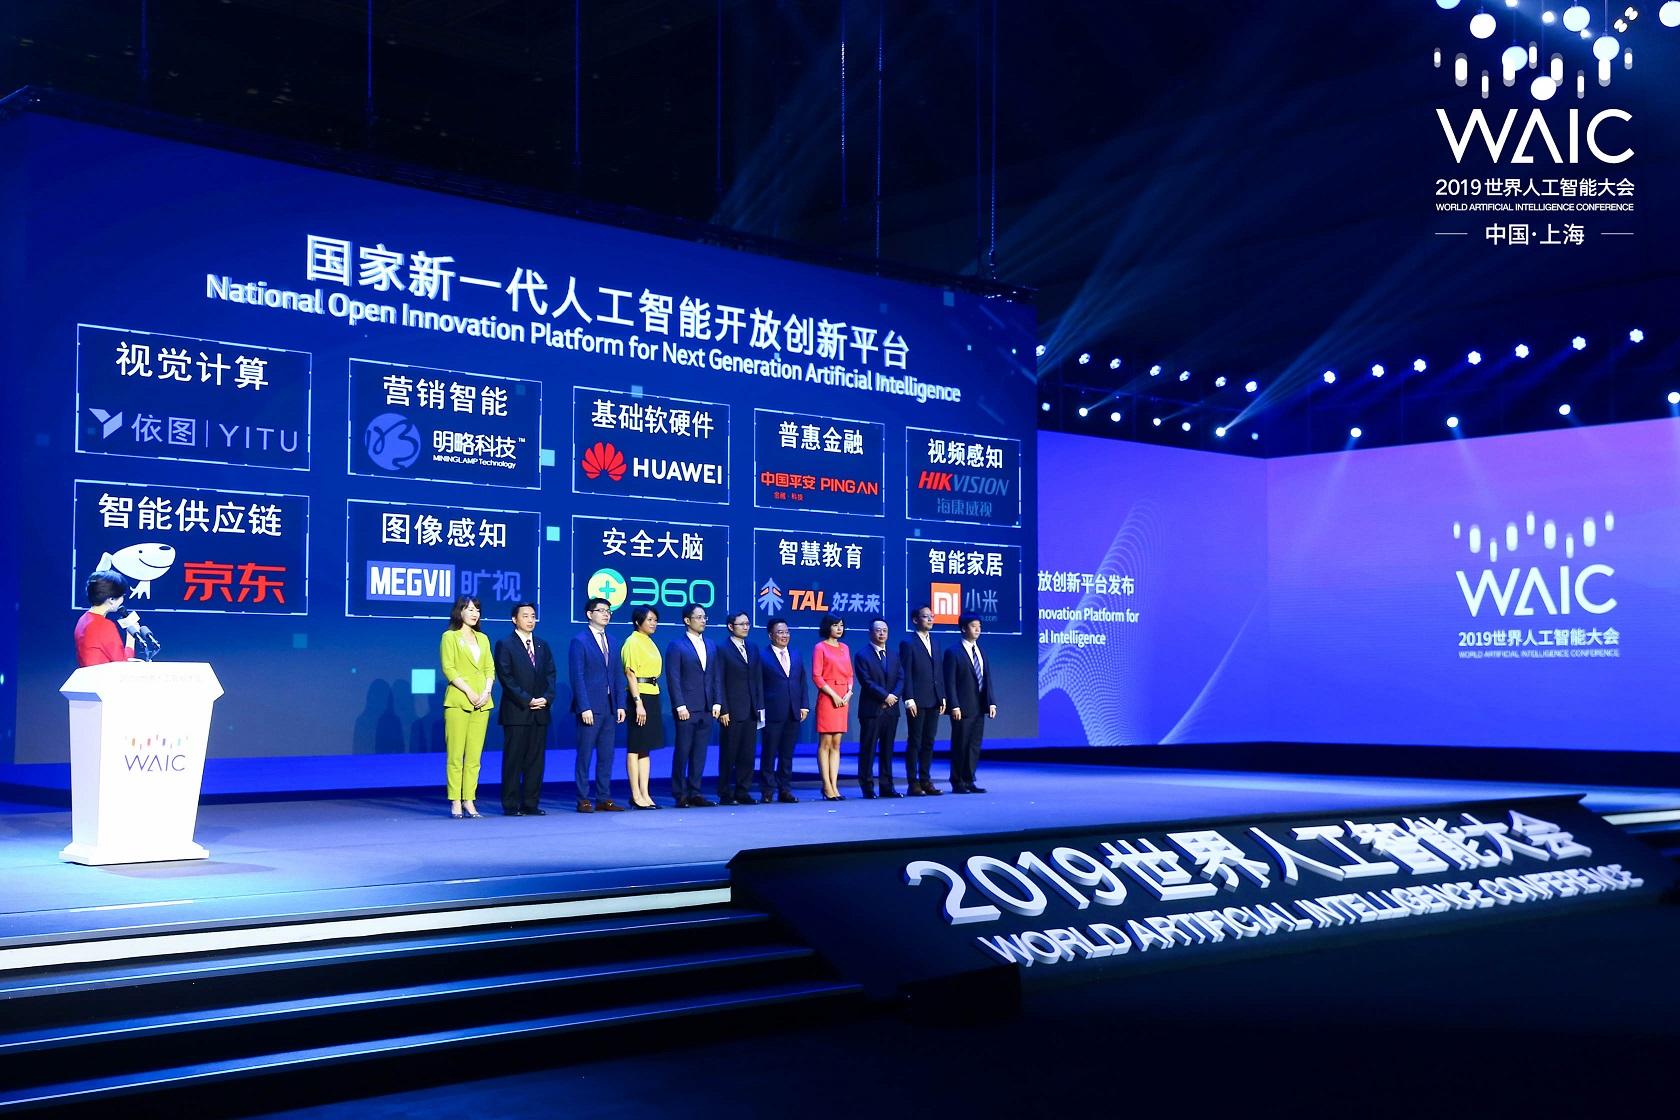 小米获颁智能家居国家新一代人工智能开放创新平台